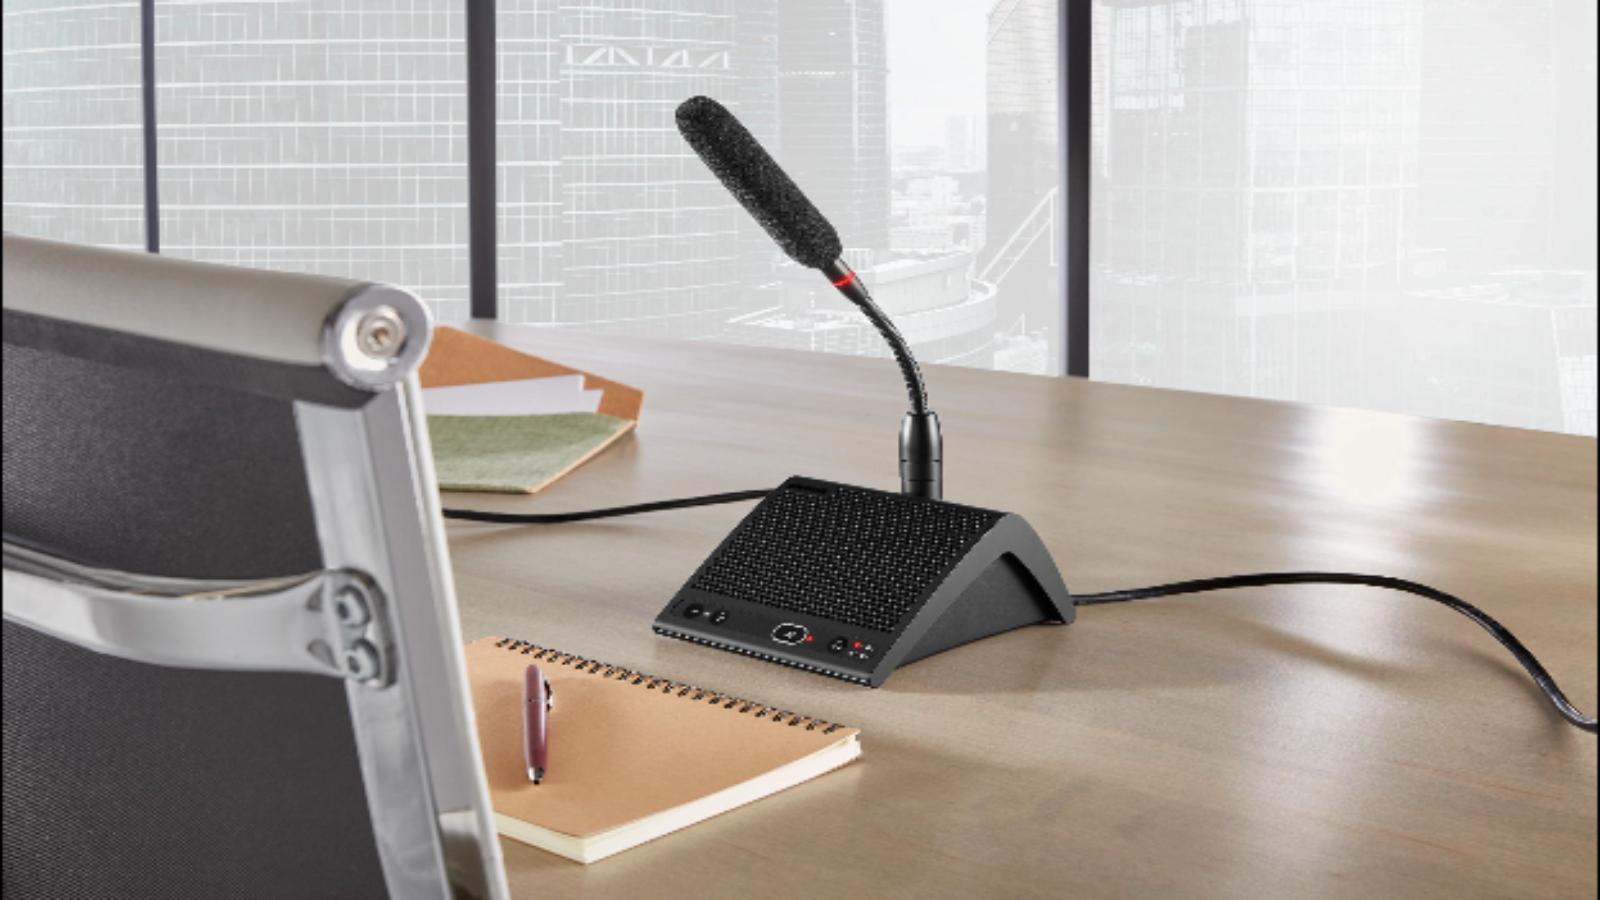 舒尔推出适用于MICROFLEX® COMPLETE数字会议系统的全新便携式会议单元